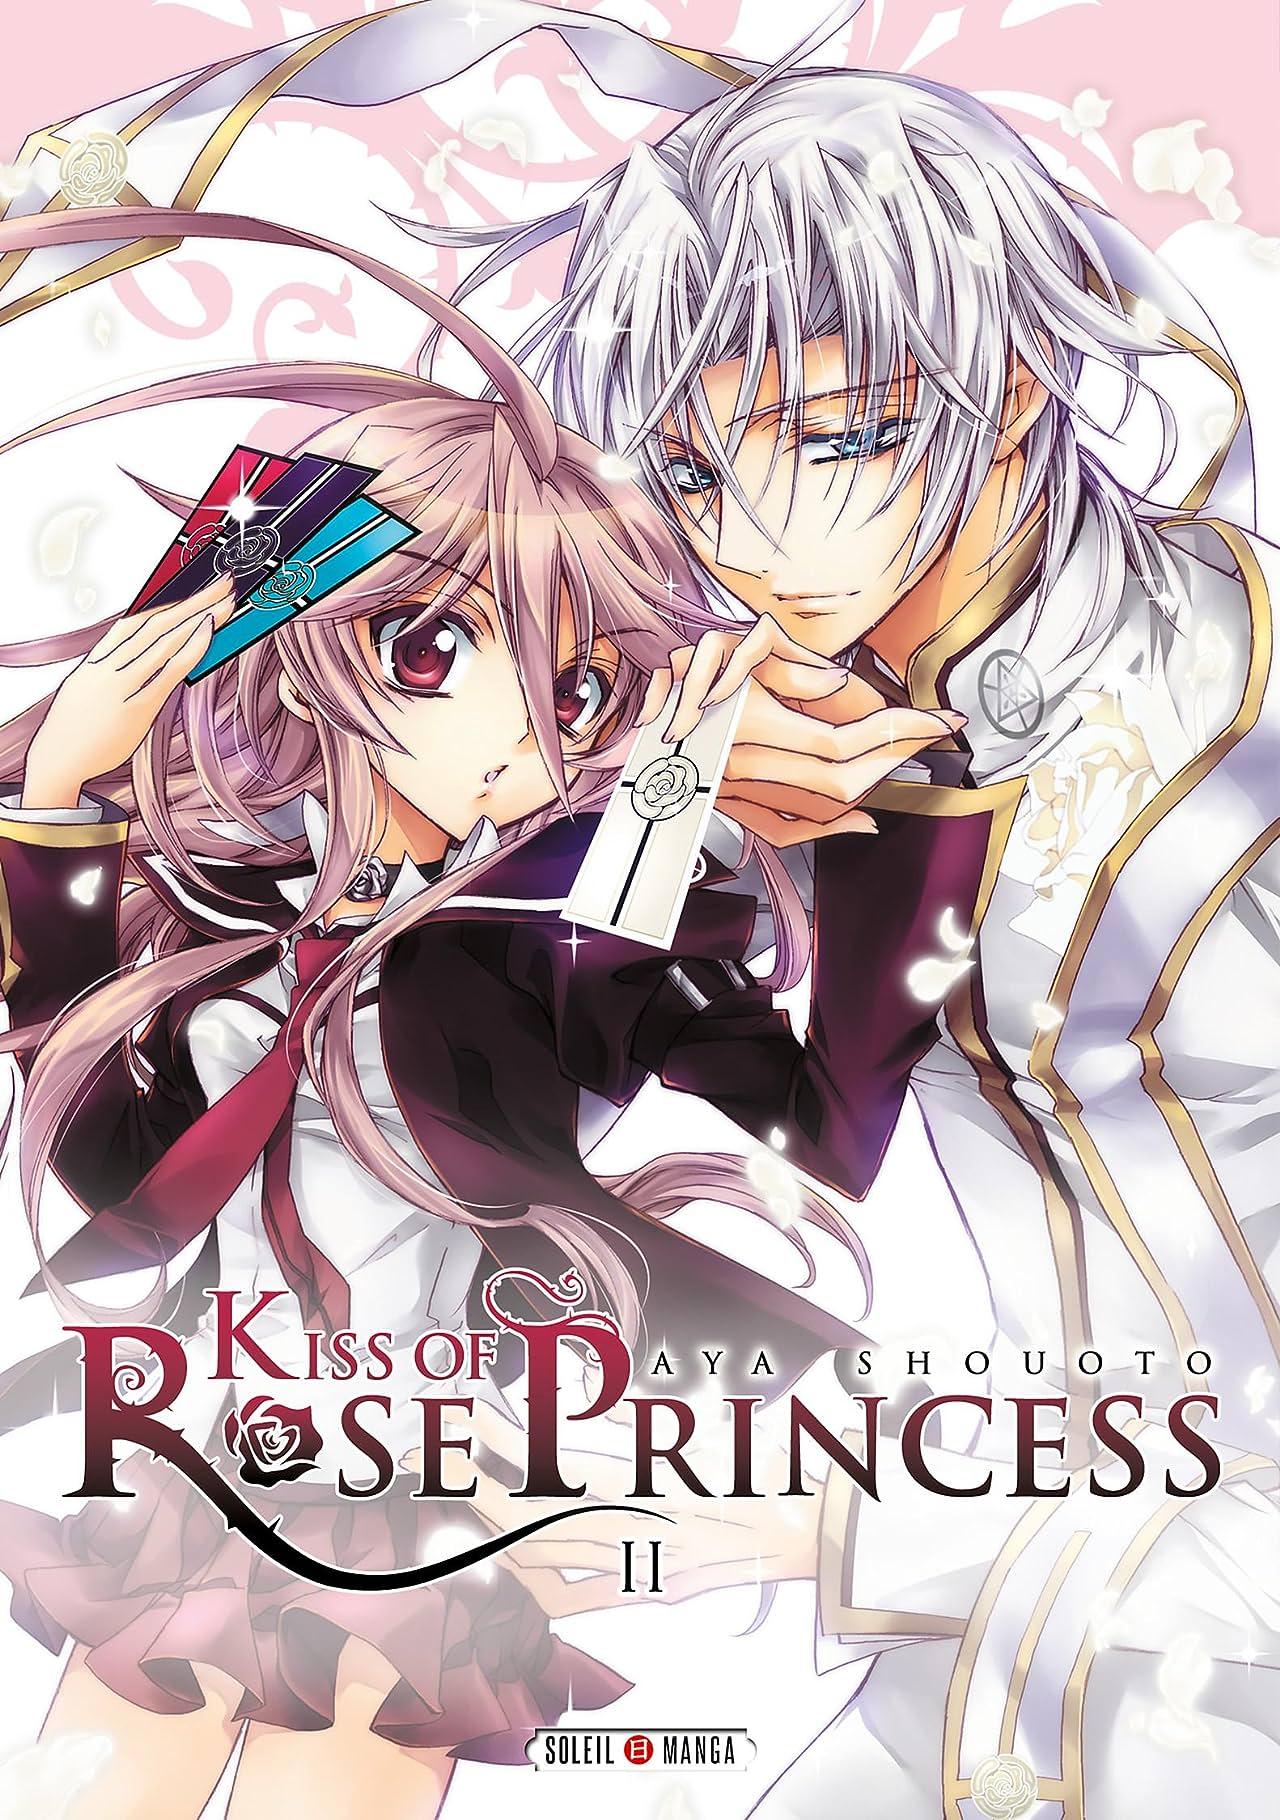 Kiss of Rose Princess Vol. 2